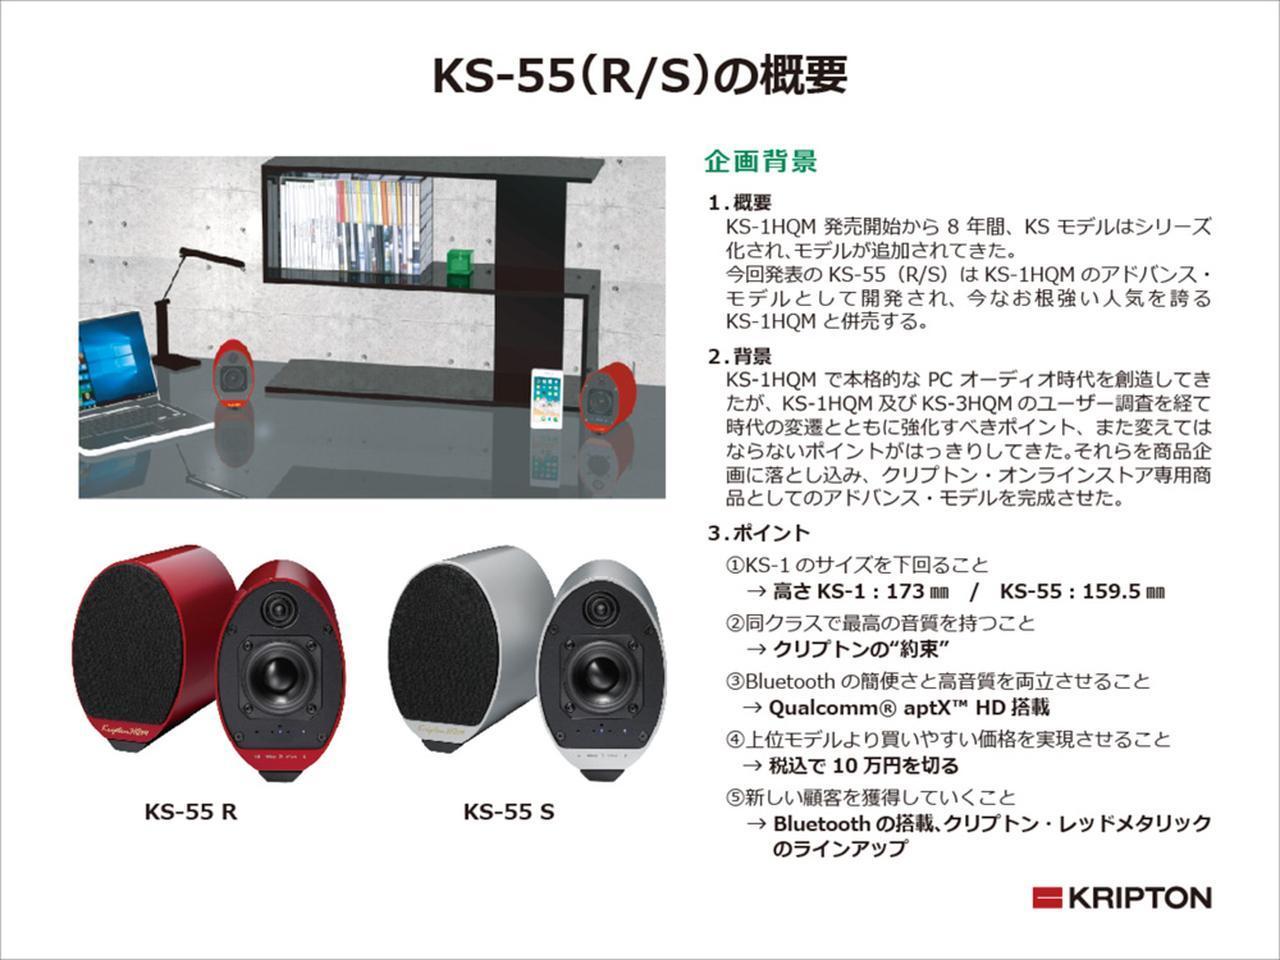 画像: ▲製品の概要。10万円を切る価格で、最高の音を備えたワイヤレススピーカーを目指した